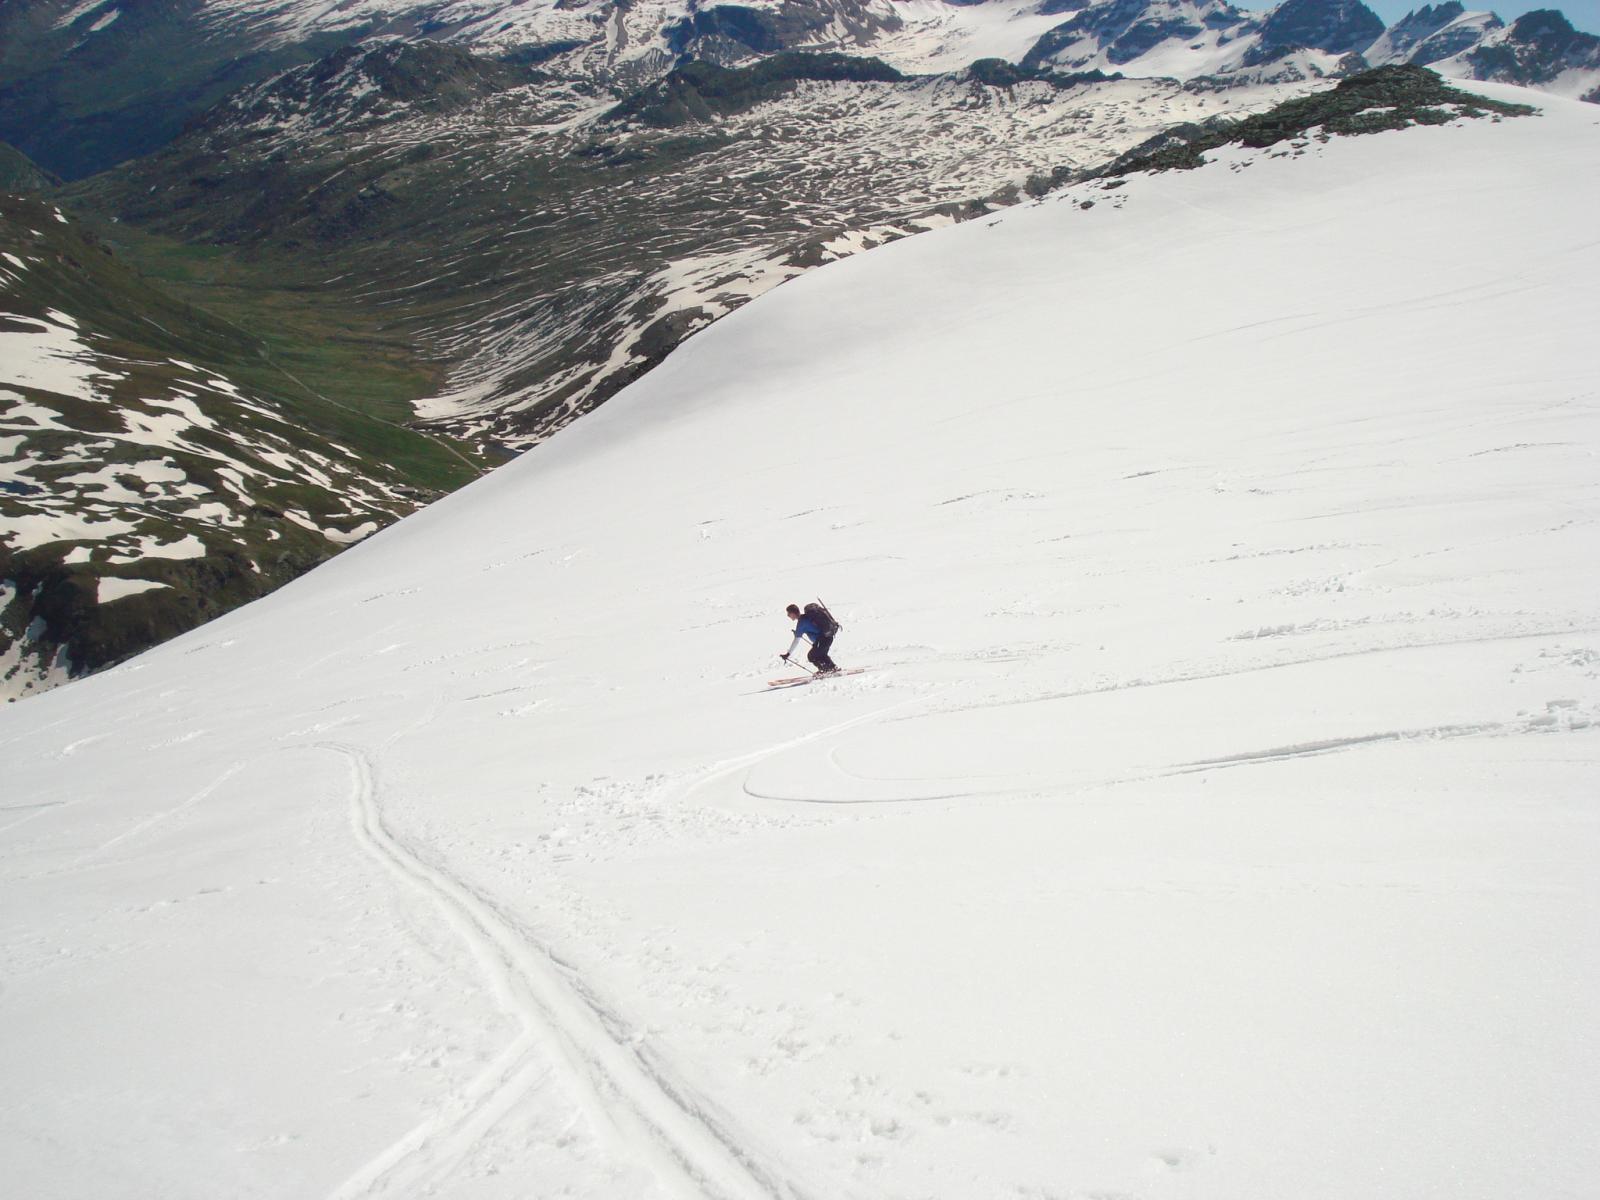 spettacolare la discesa sul ghiacciaio